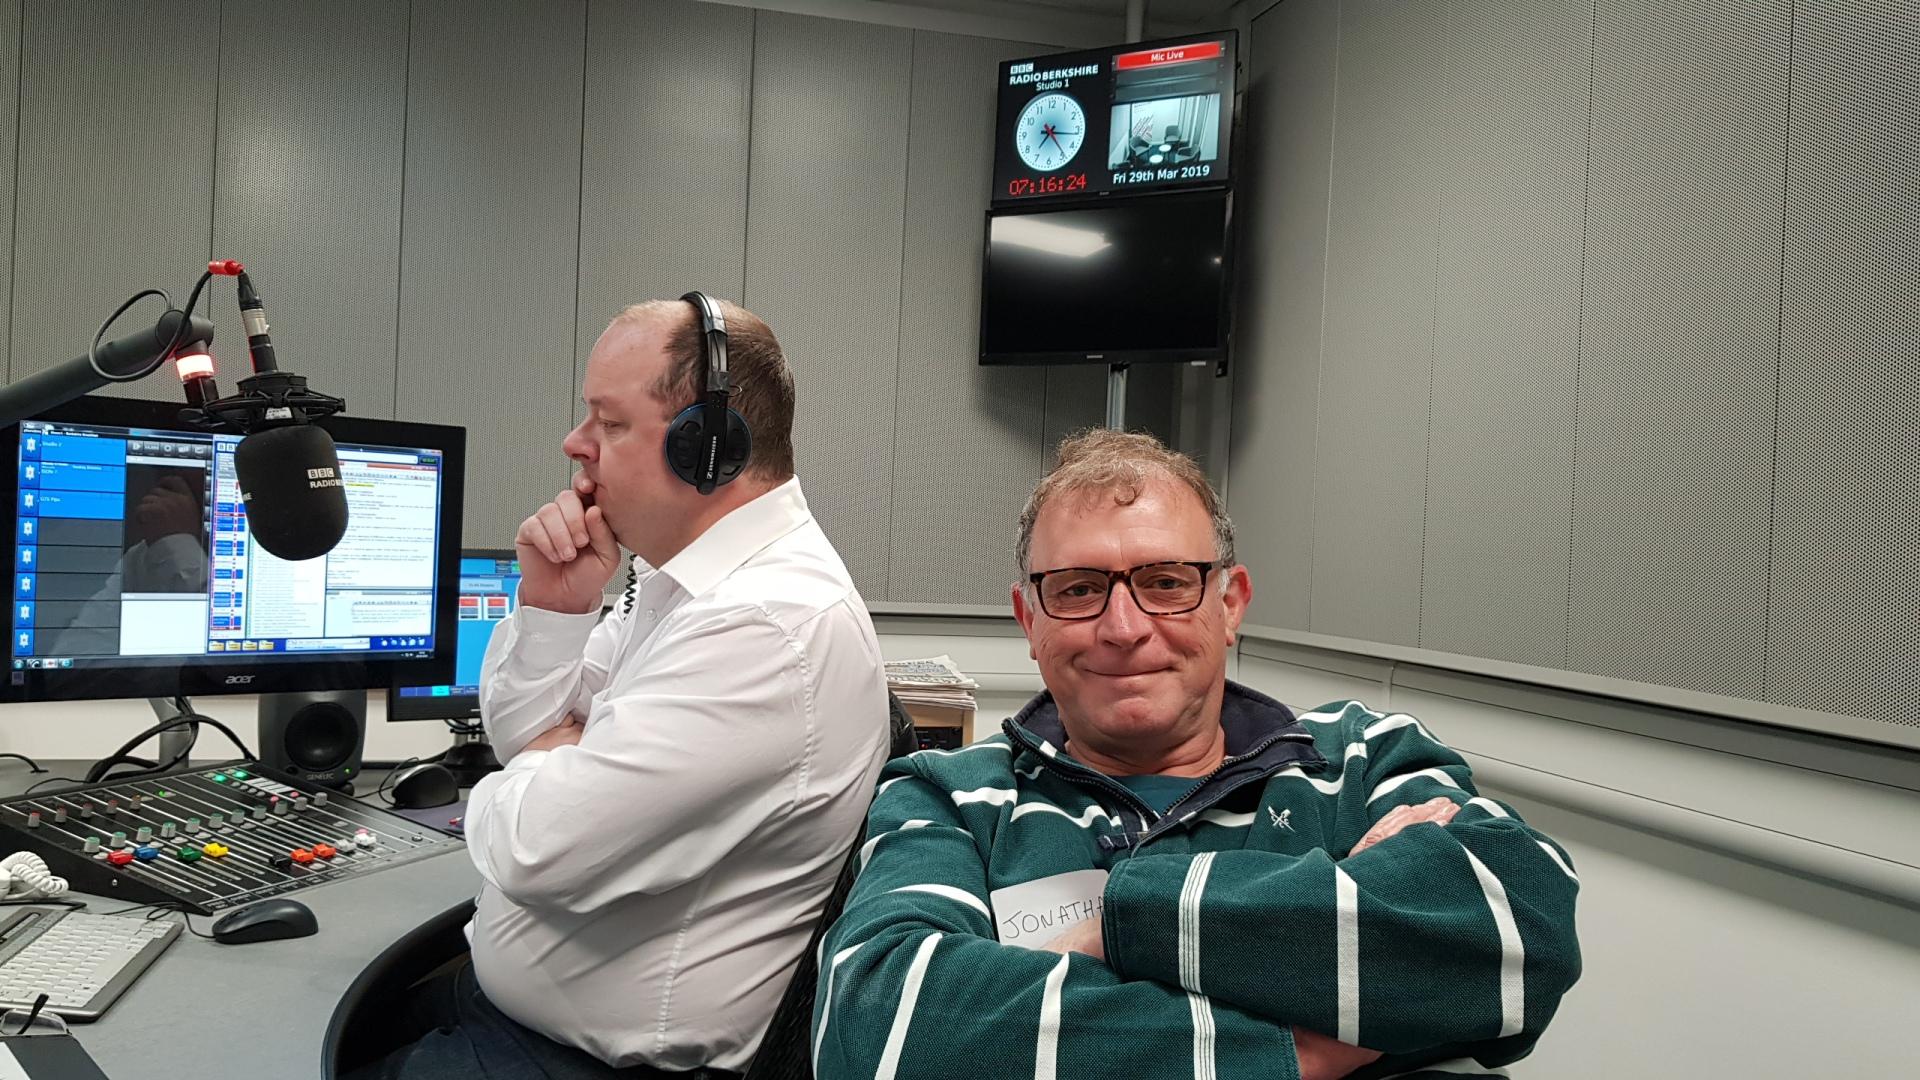 jon davey andrew peach bbc radio berkshire